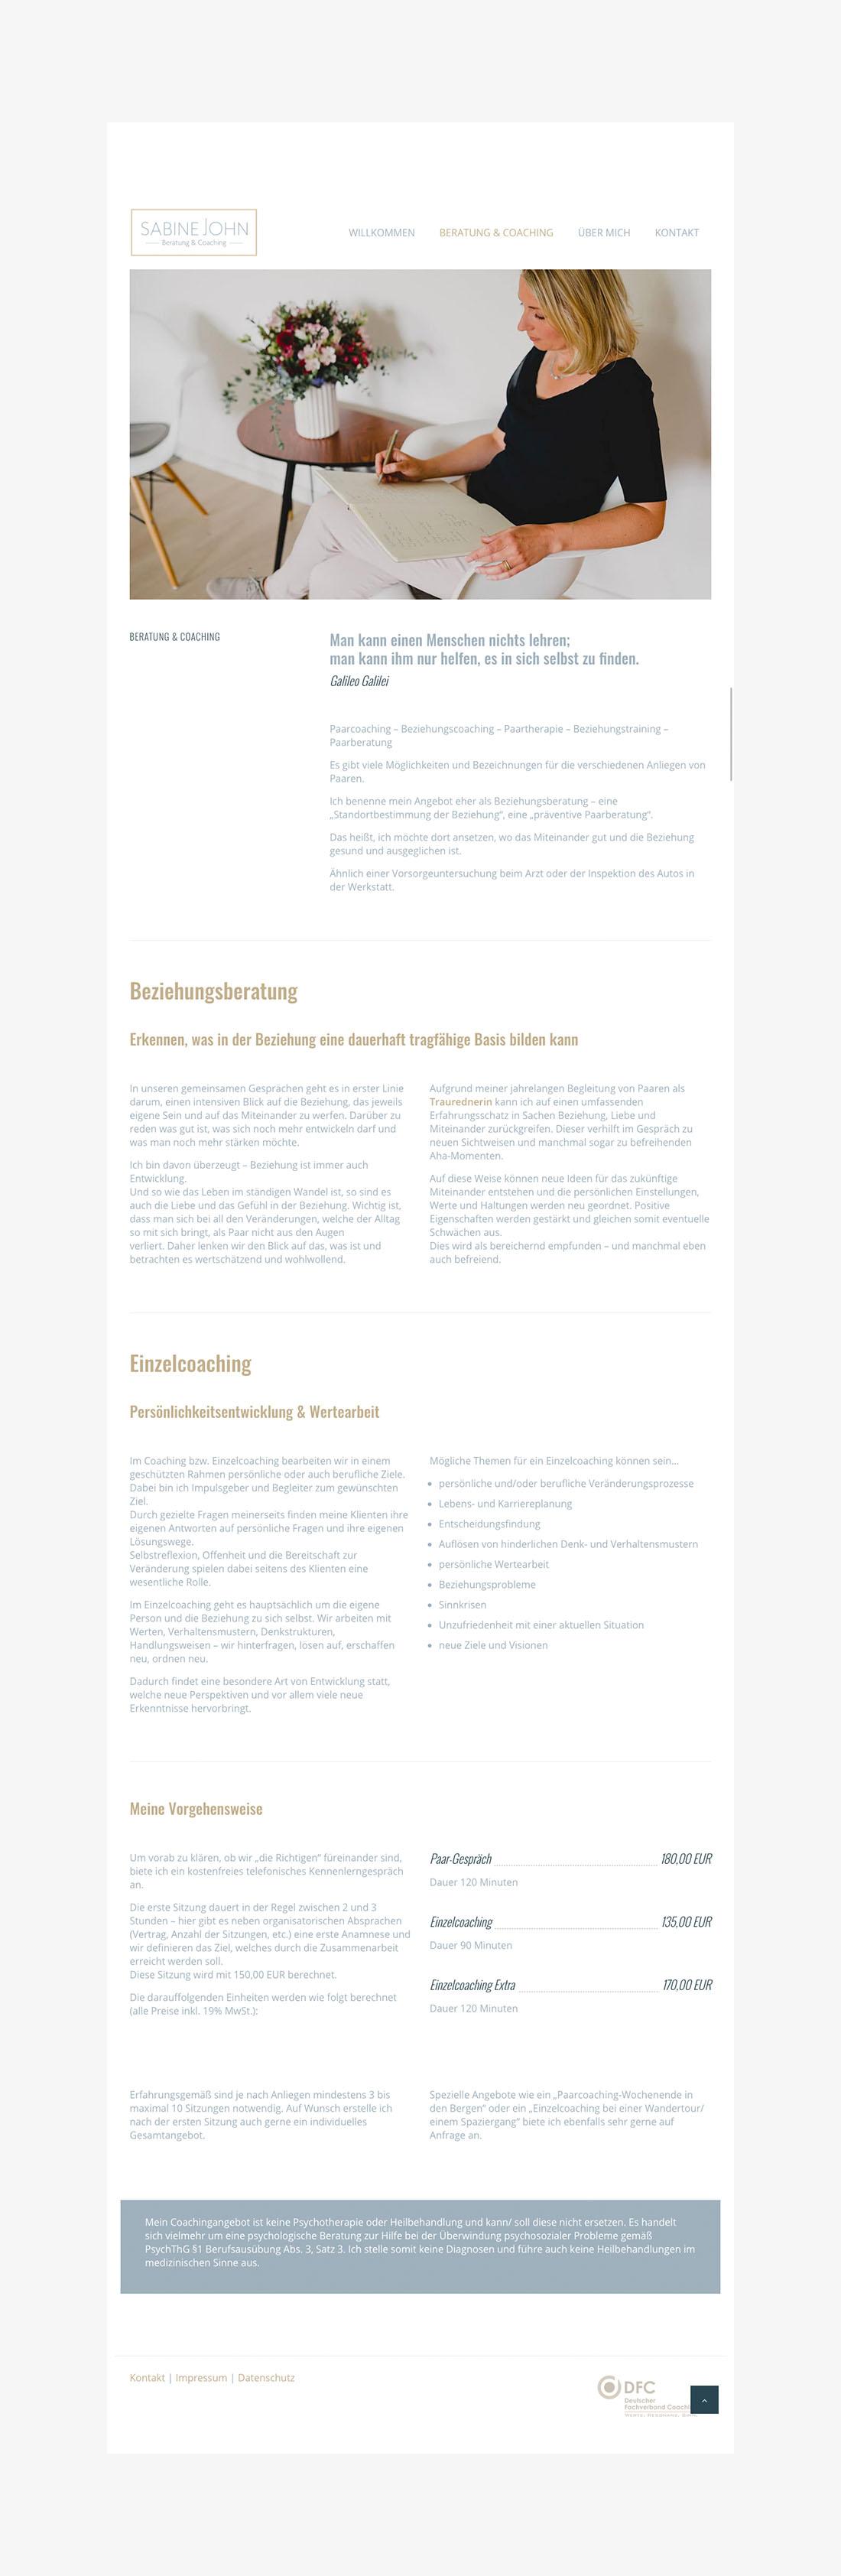 SabineJohn_02 - Webdesign Wordpress